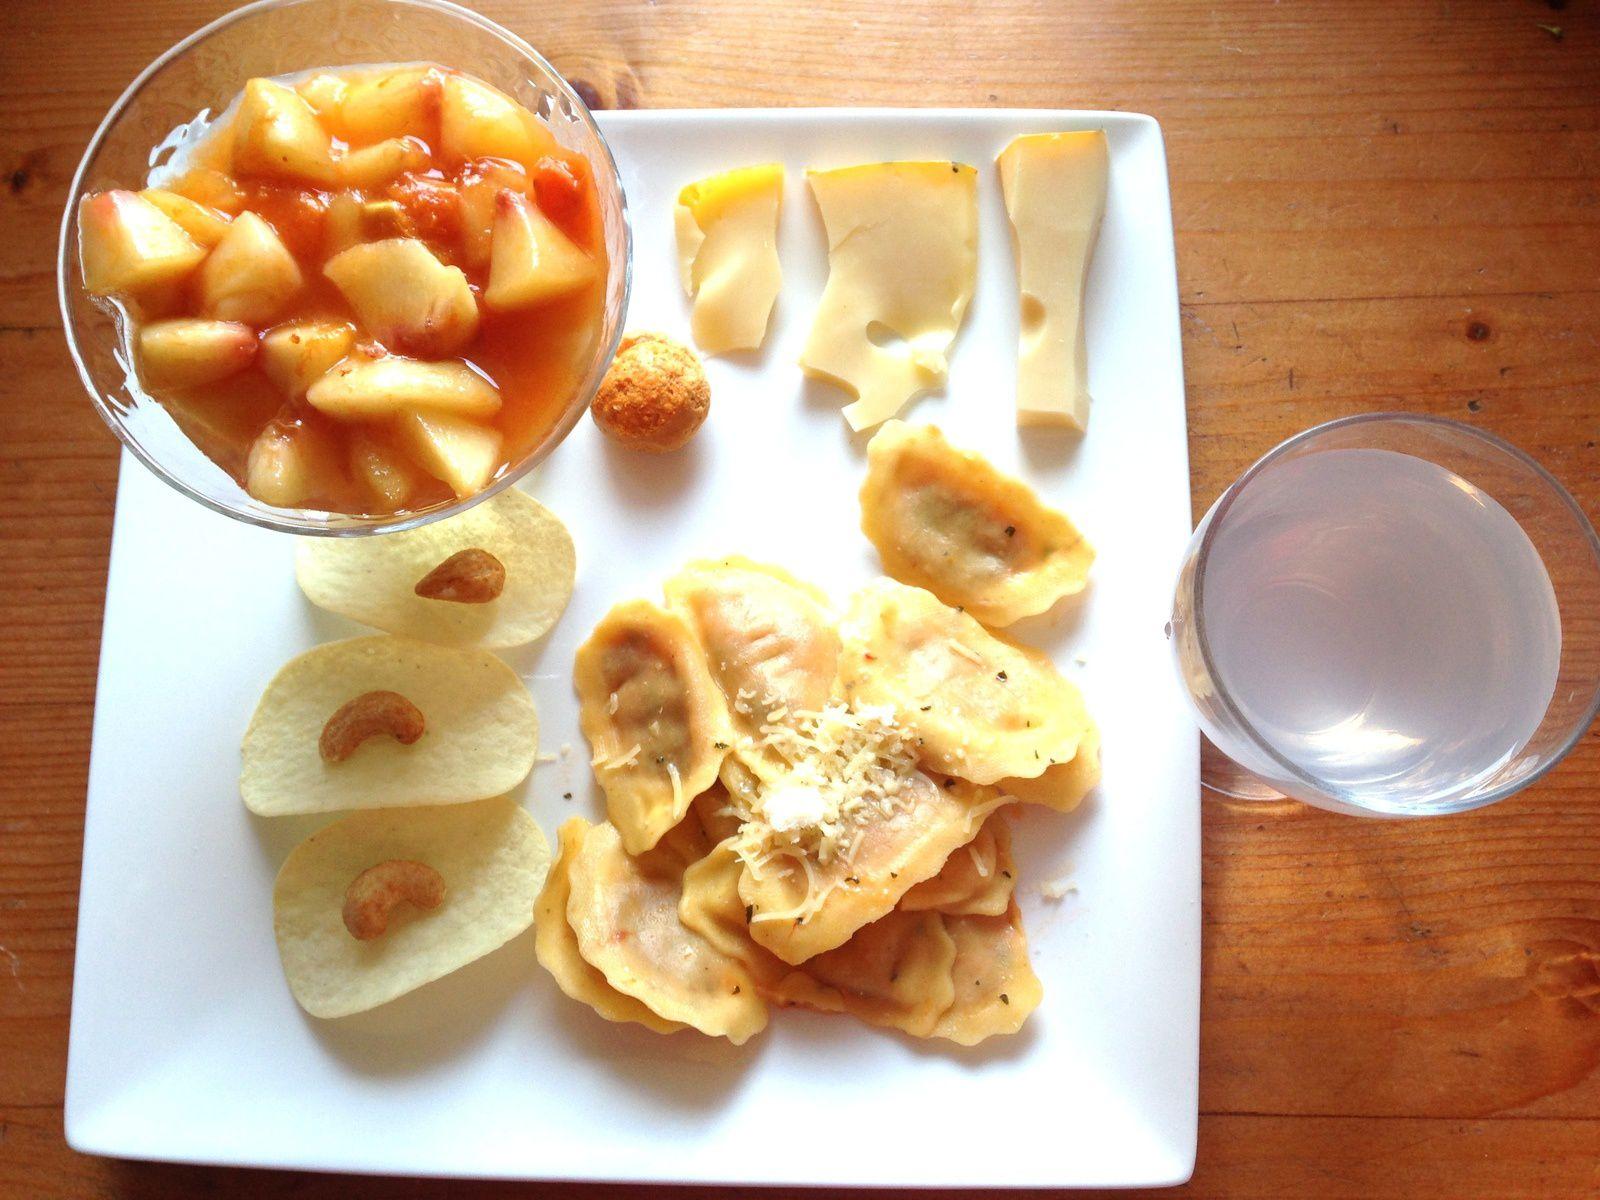 repas chromatique- jaune orange - sur charlotteblabla blog*